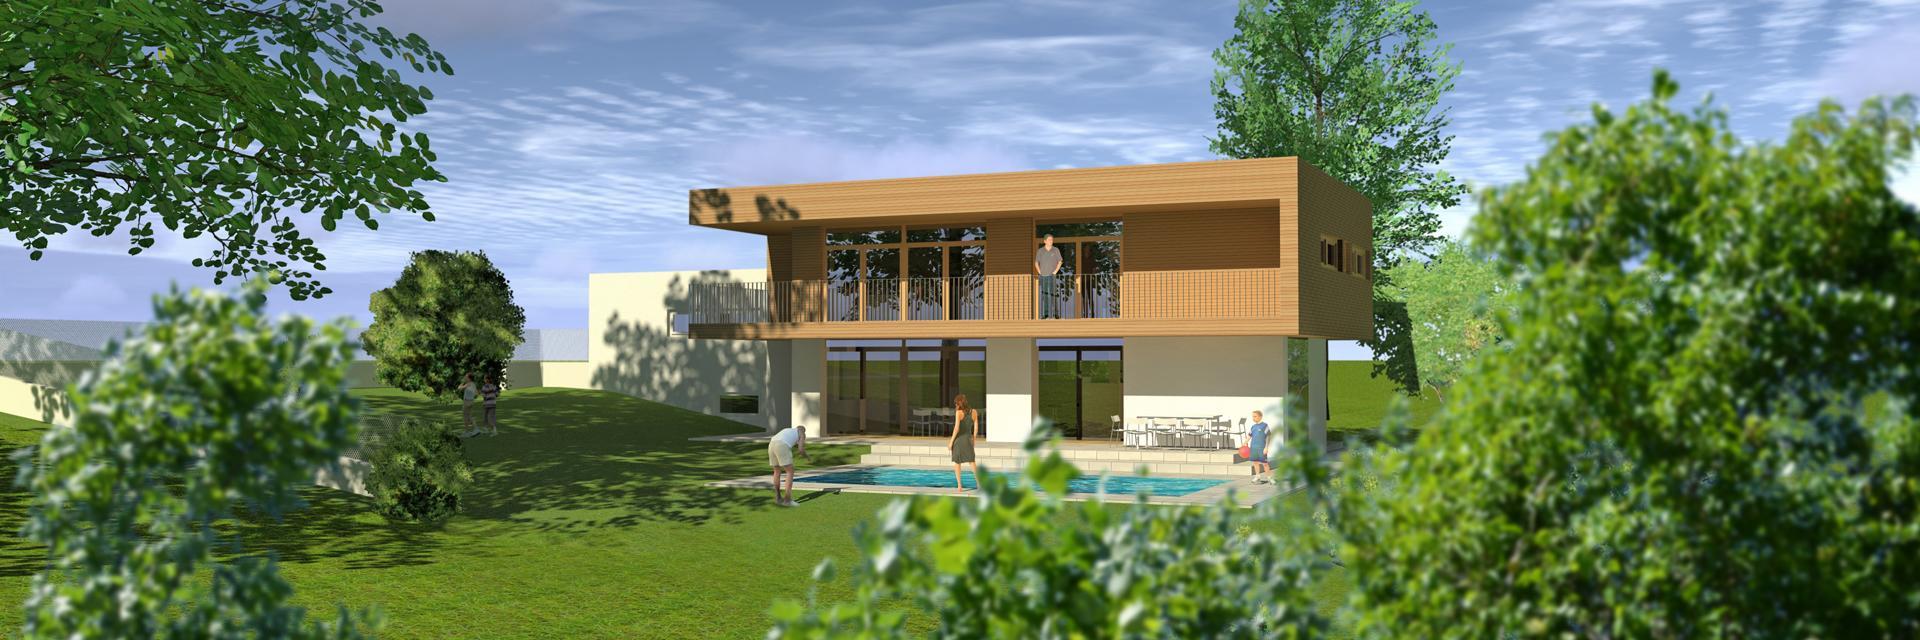 Holzhaus_ADLHART_Architekten